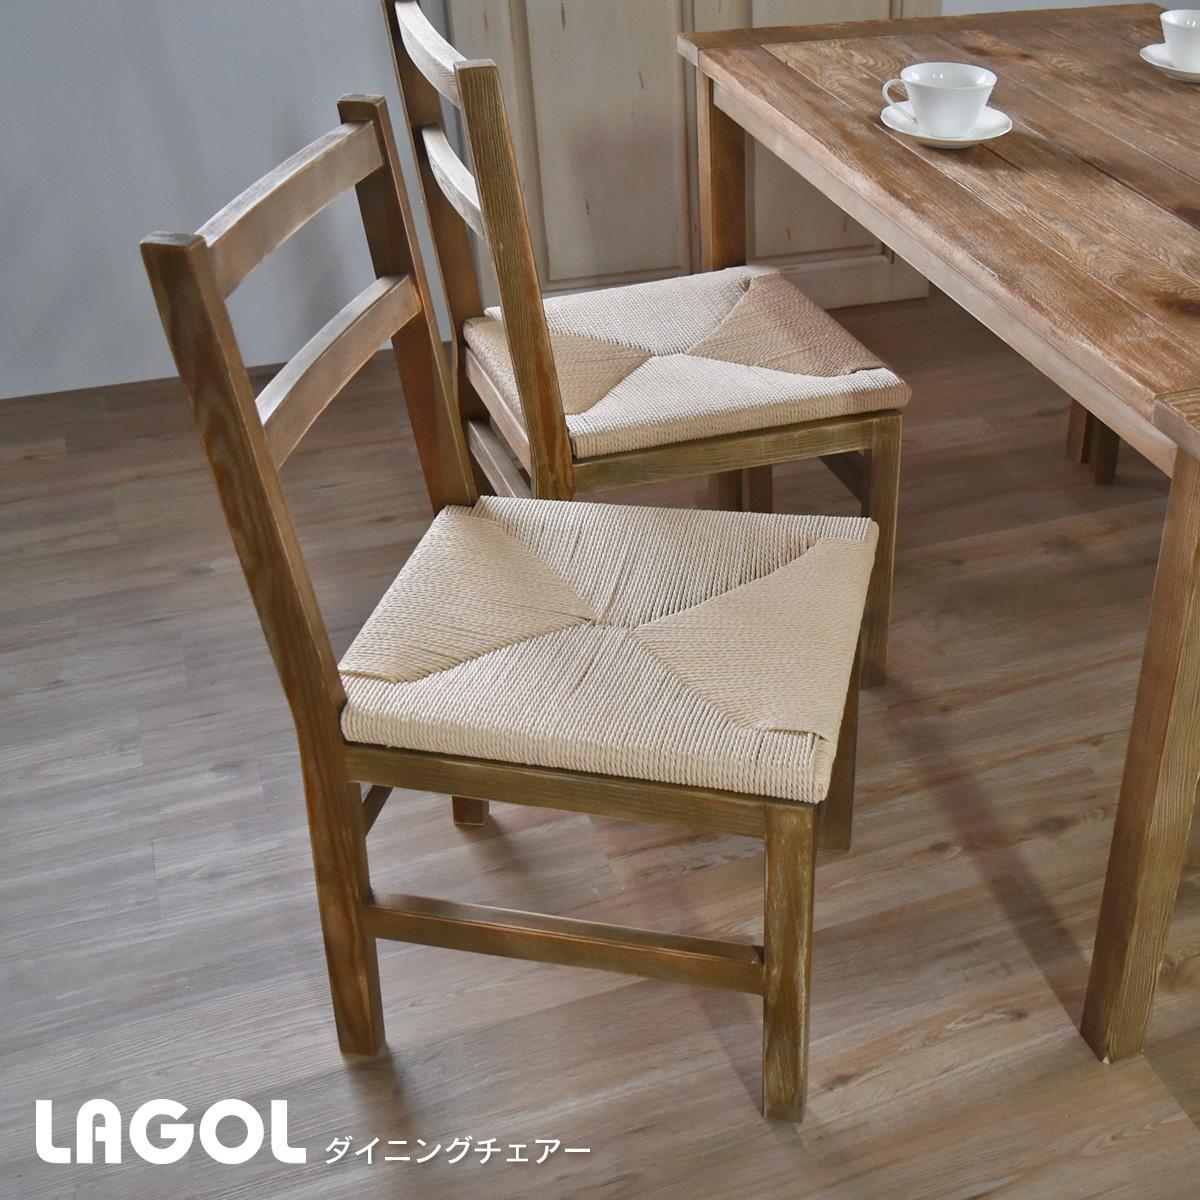 送料無料 ダイニングチェアー 単品 いす 椅子 食卓椅子 ダイニングチェア カフェ 天然木 アンティーク 古材 木製 LAGOL おしゃれ デザイン 北欧 レトロ モダン